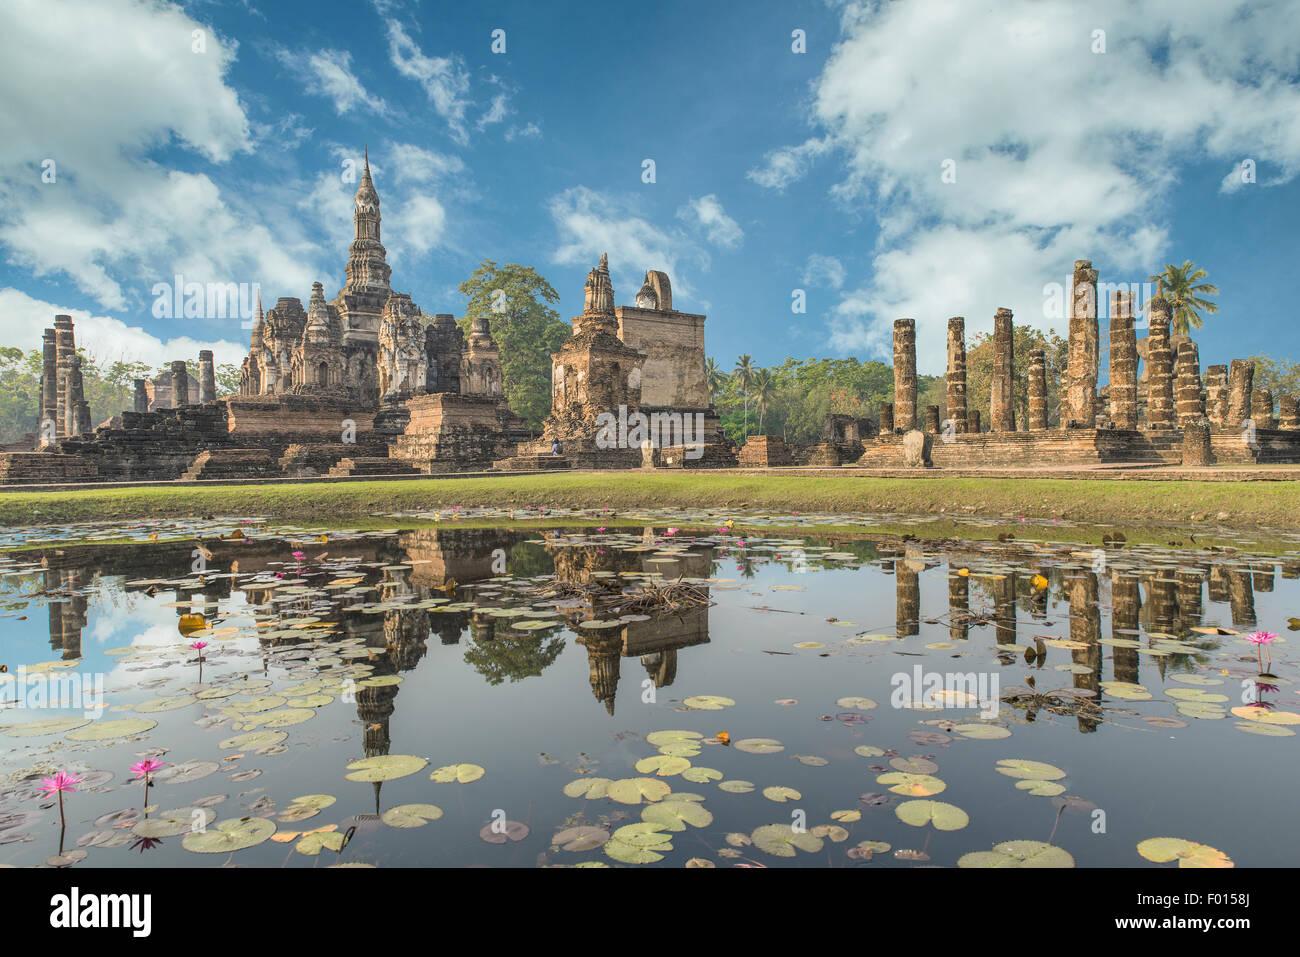 Estatua de Buda en Wat Mahathat en el Parque Histórico de Sukhothai, Tailandia Imagen De Stock